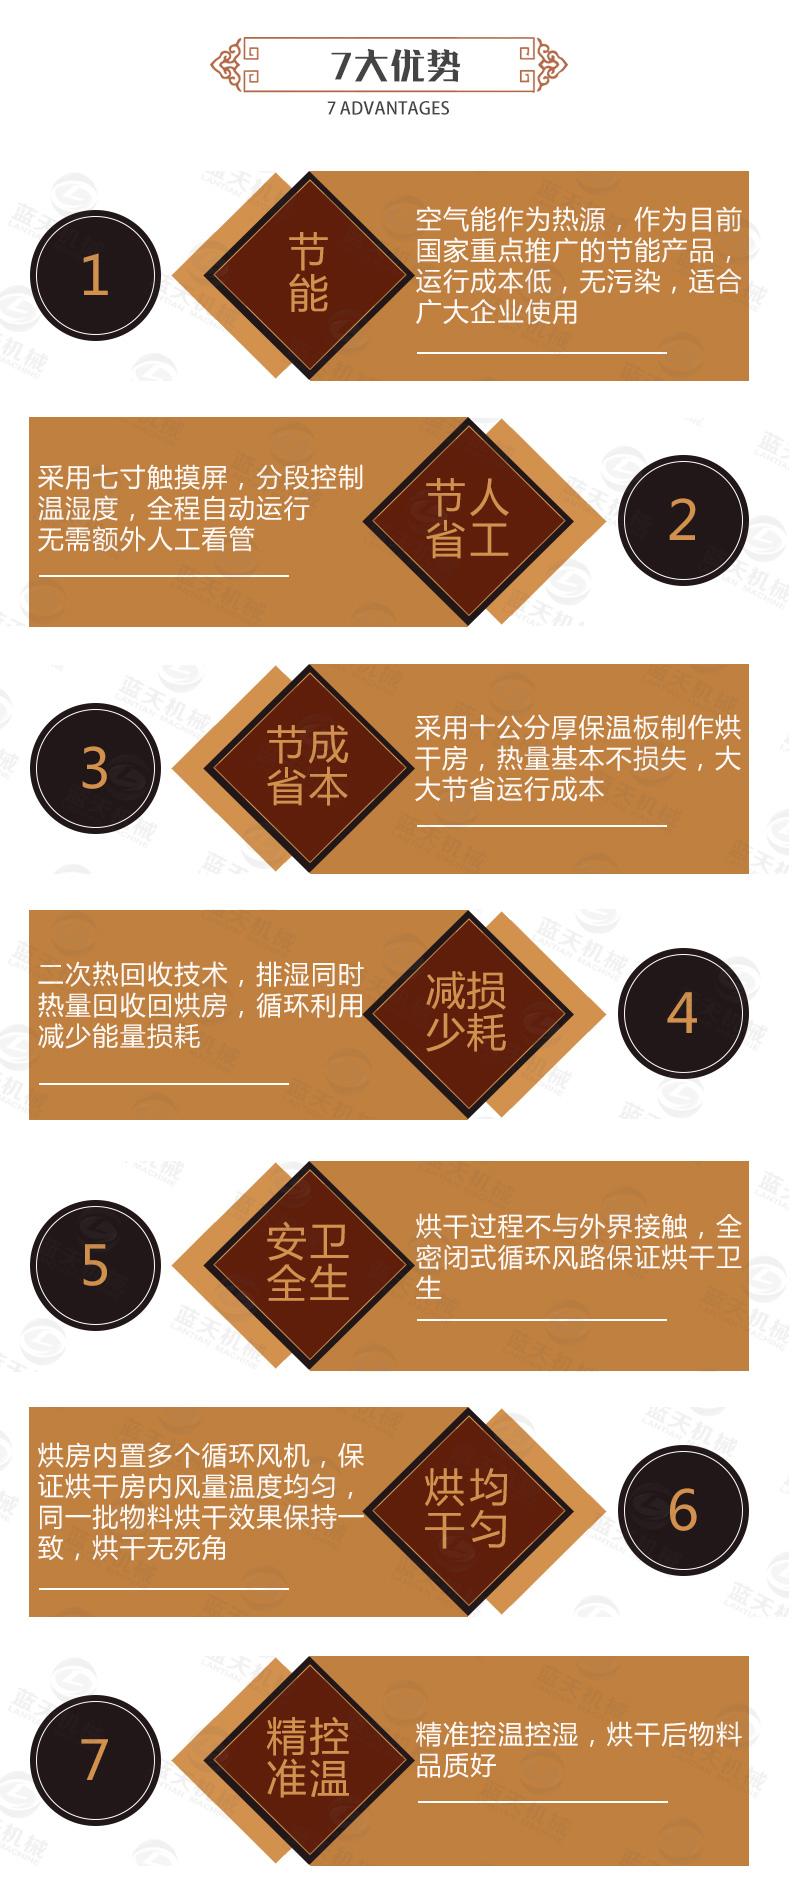 万博亚洲体育手机登录万博manbetx手机下载7大优势